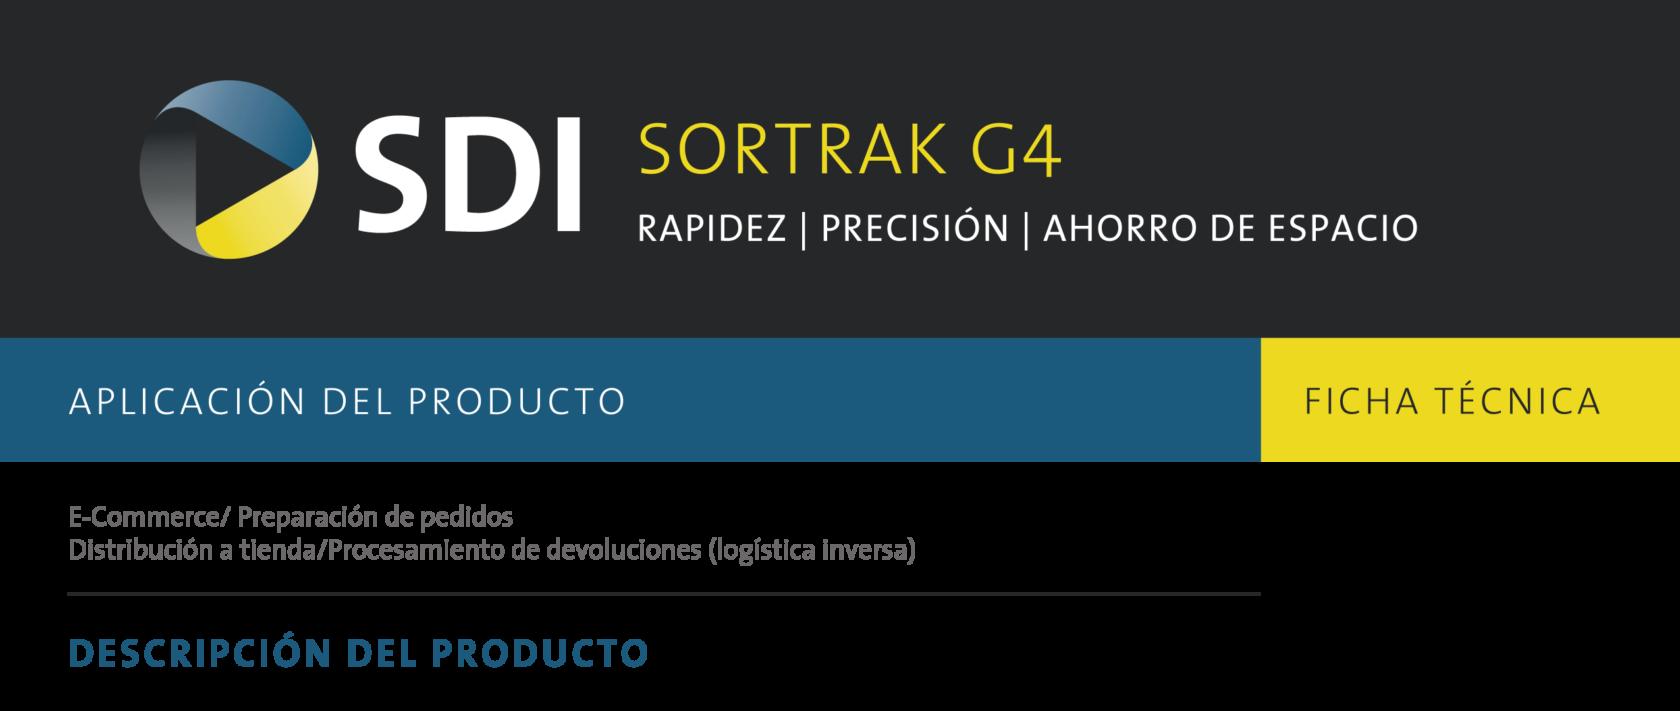 Tech sheet bans-SORTRAK-span-05